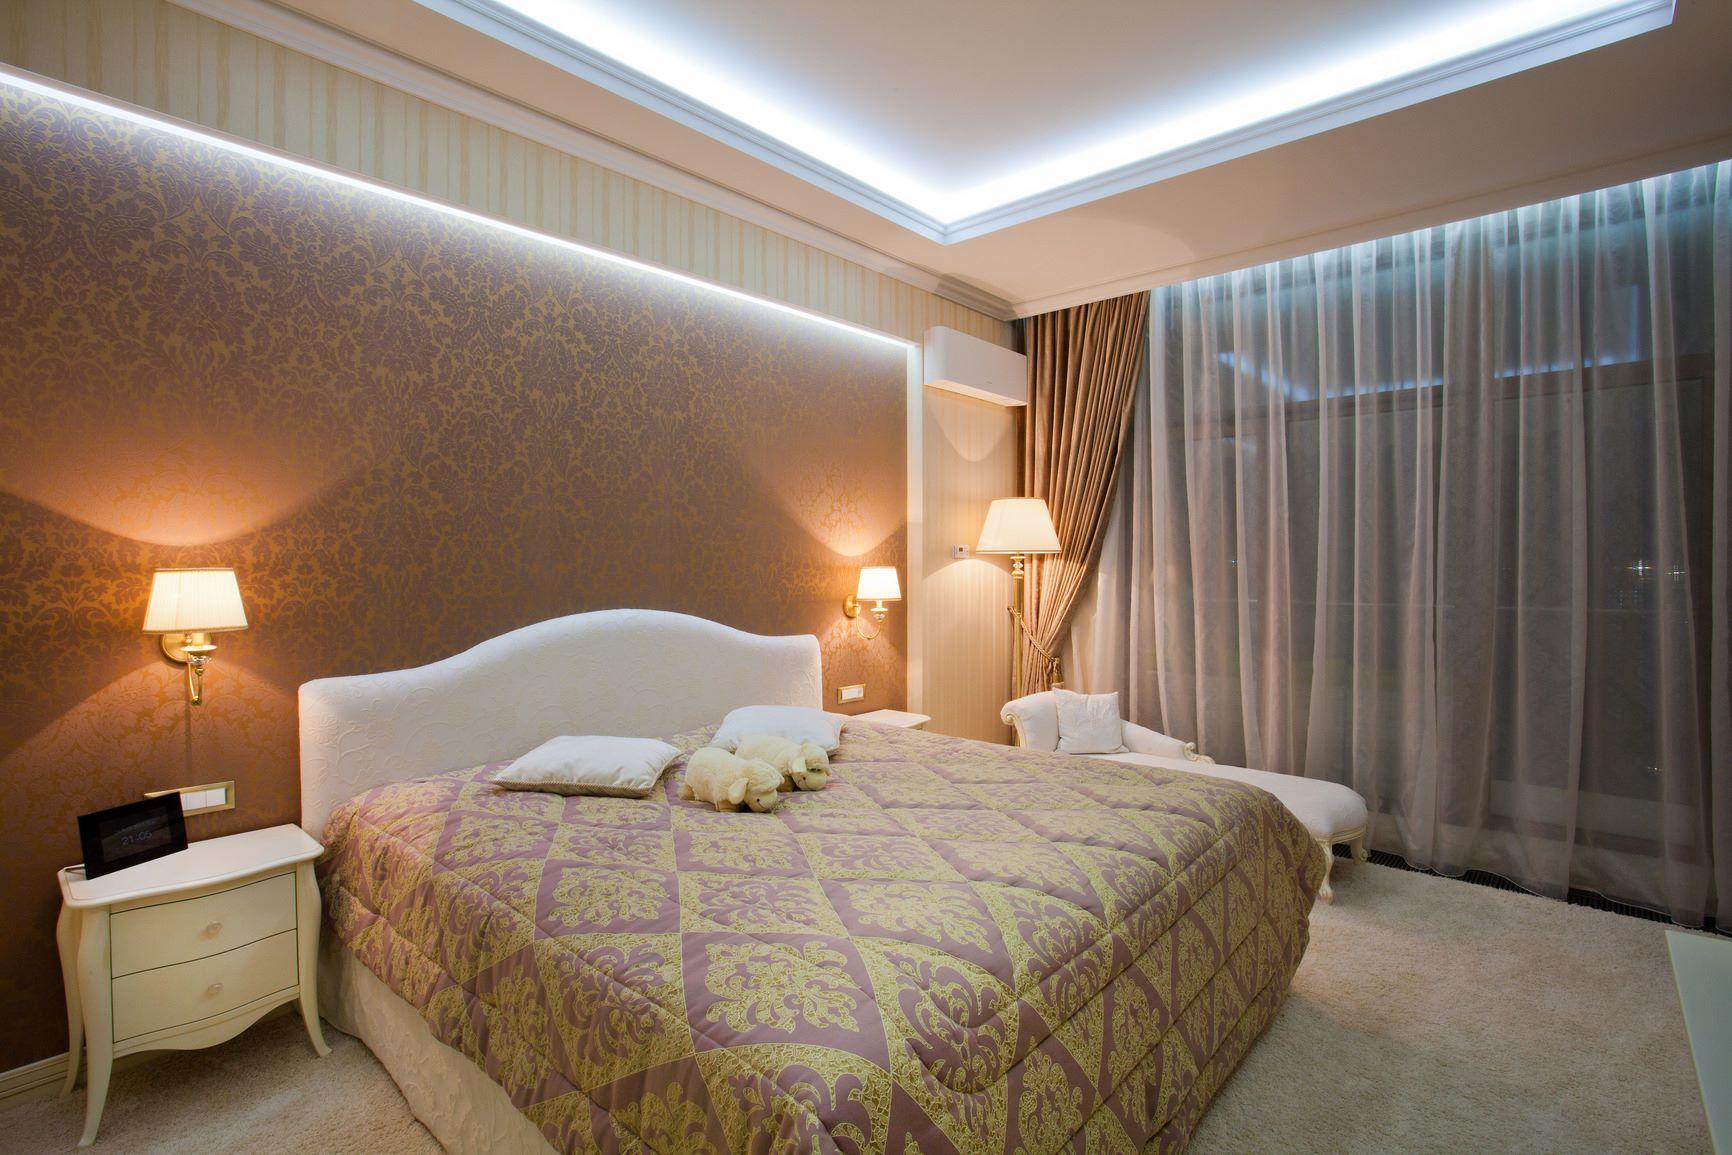 освещение в спальне фото дизайн